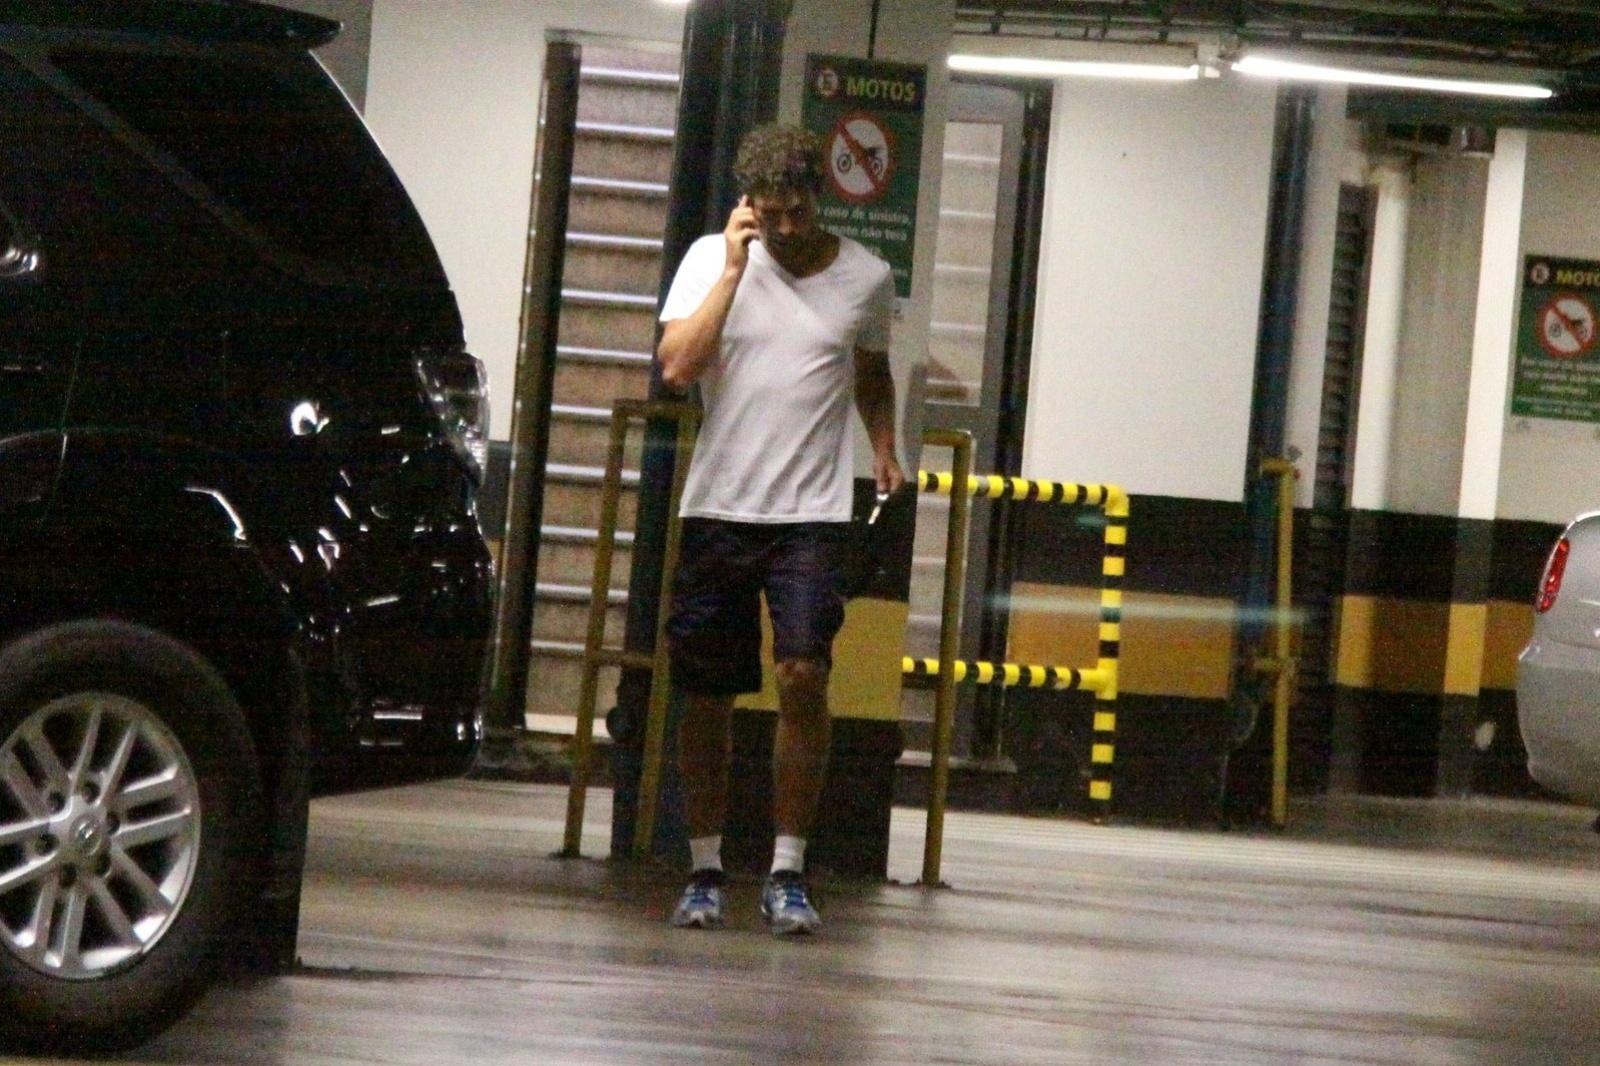 27.out.2013 - Após rumores de que o seu casamento com Grazi Massafera chegou ao fim, Cauã Reymond foi clicado saindo sozinho da academia falando no celular neste domingo (27), na Barra da Tijuca, Zona Oeste do Rio